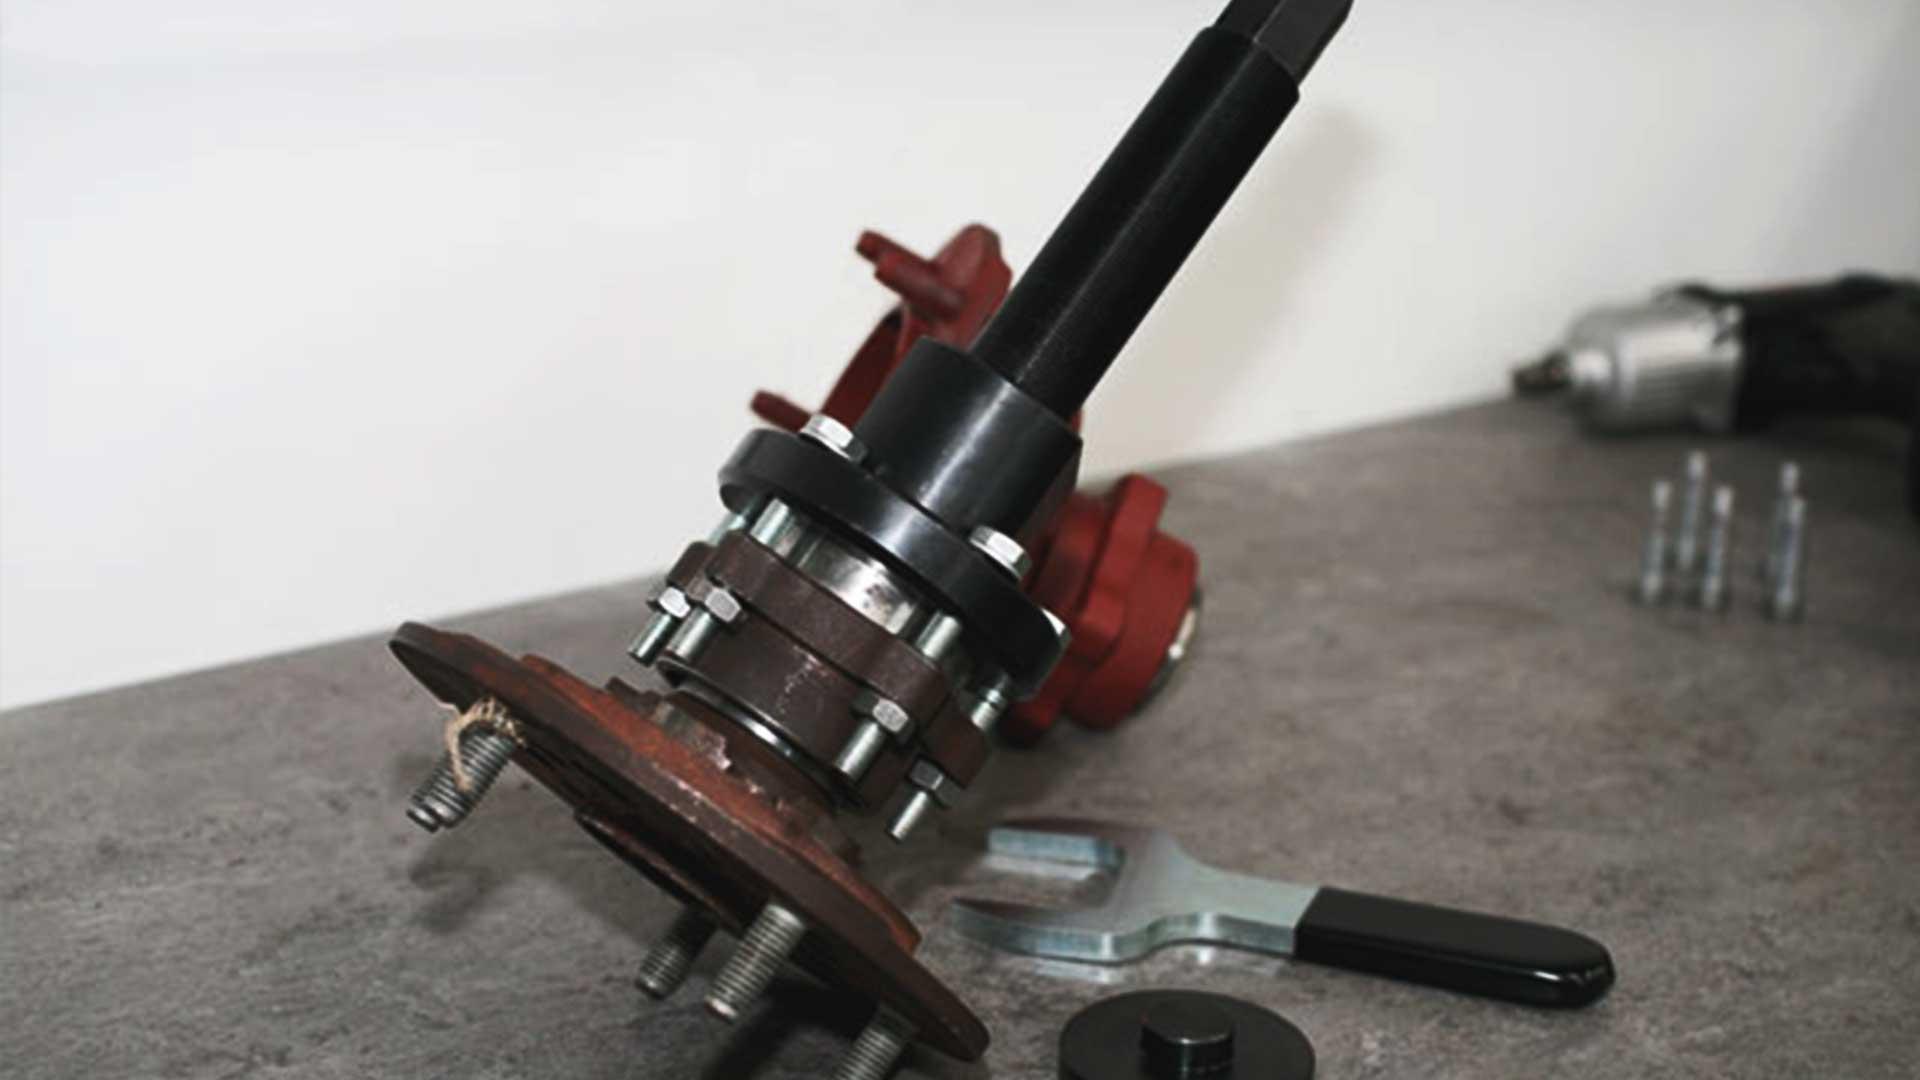 ford transit wheel bearing tool